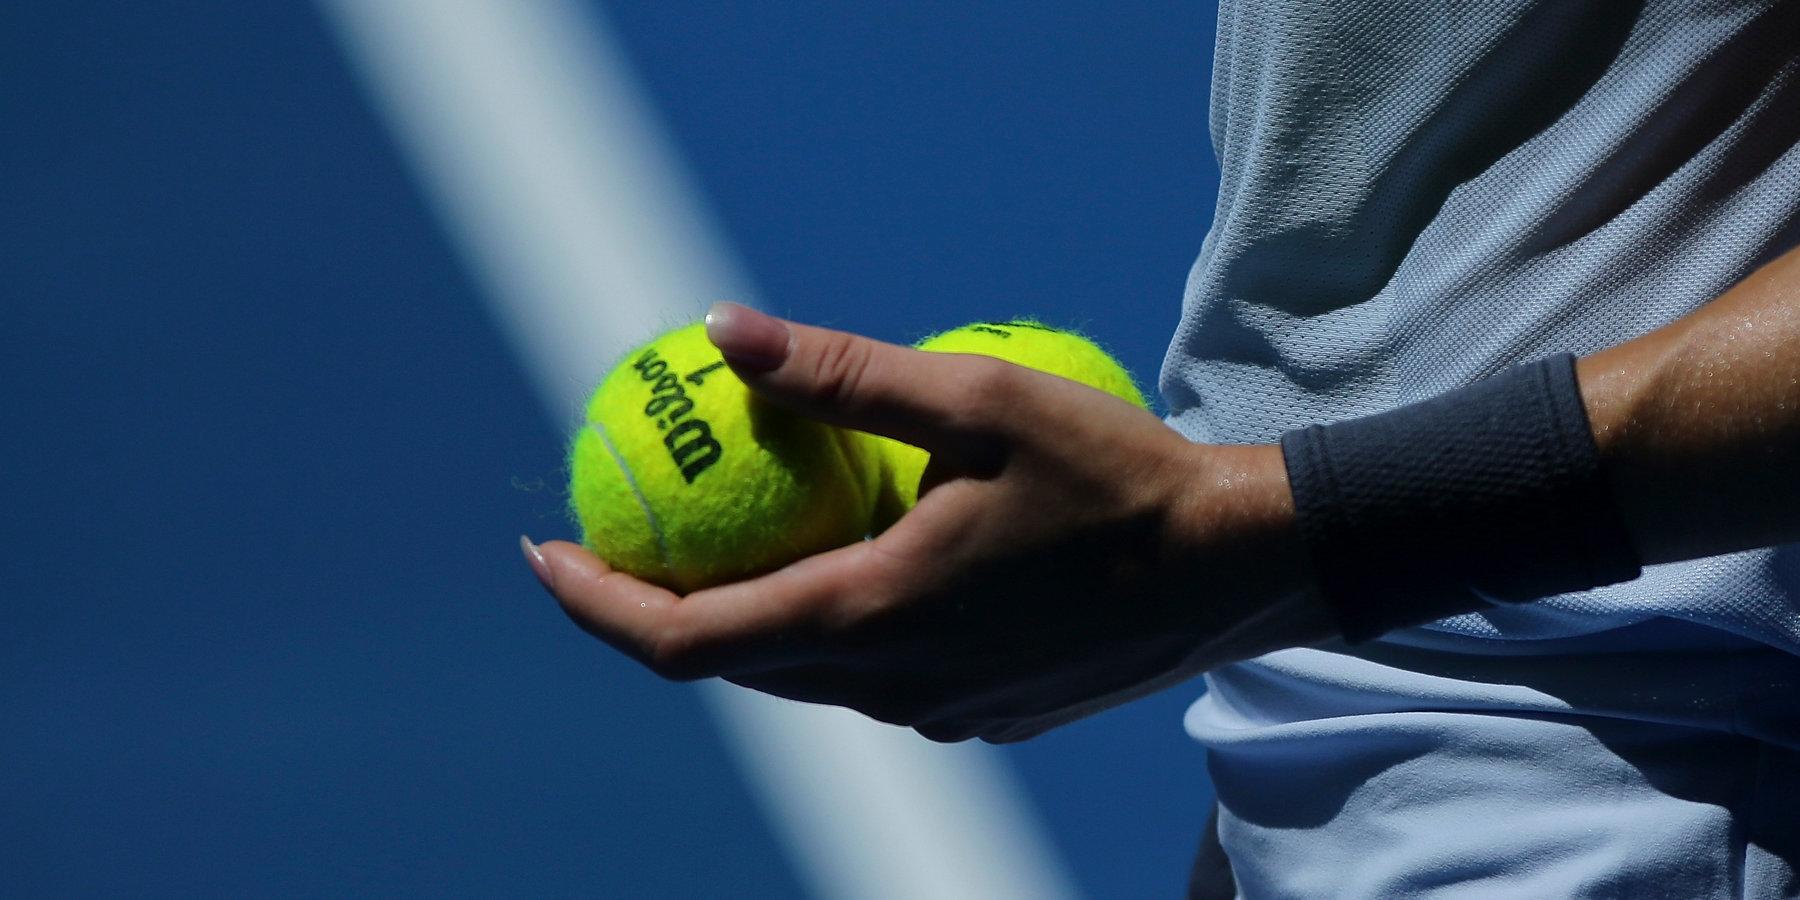 Организаторы US Open могут внести изменения в проведение турнира по просьбе спортсменов